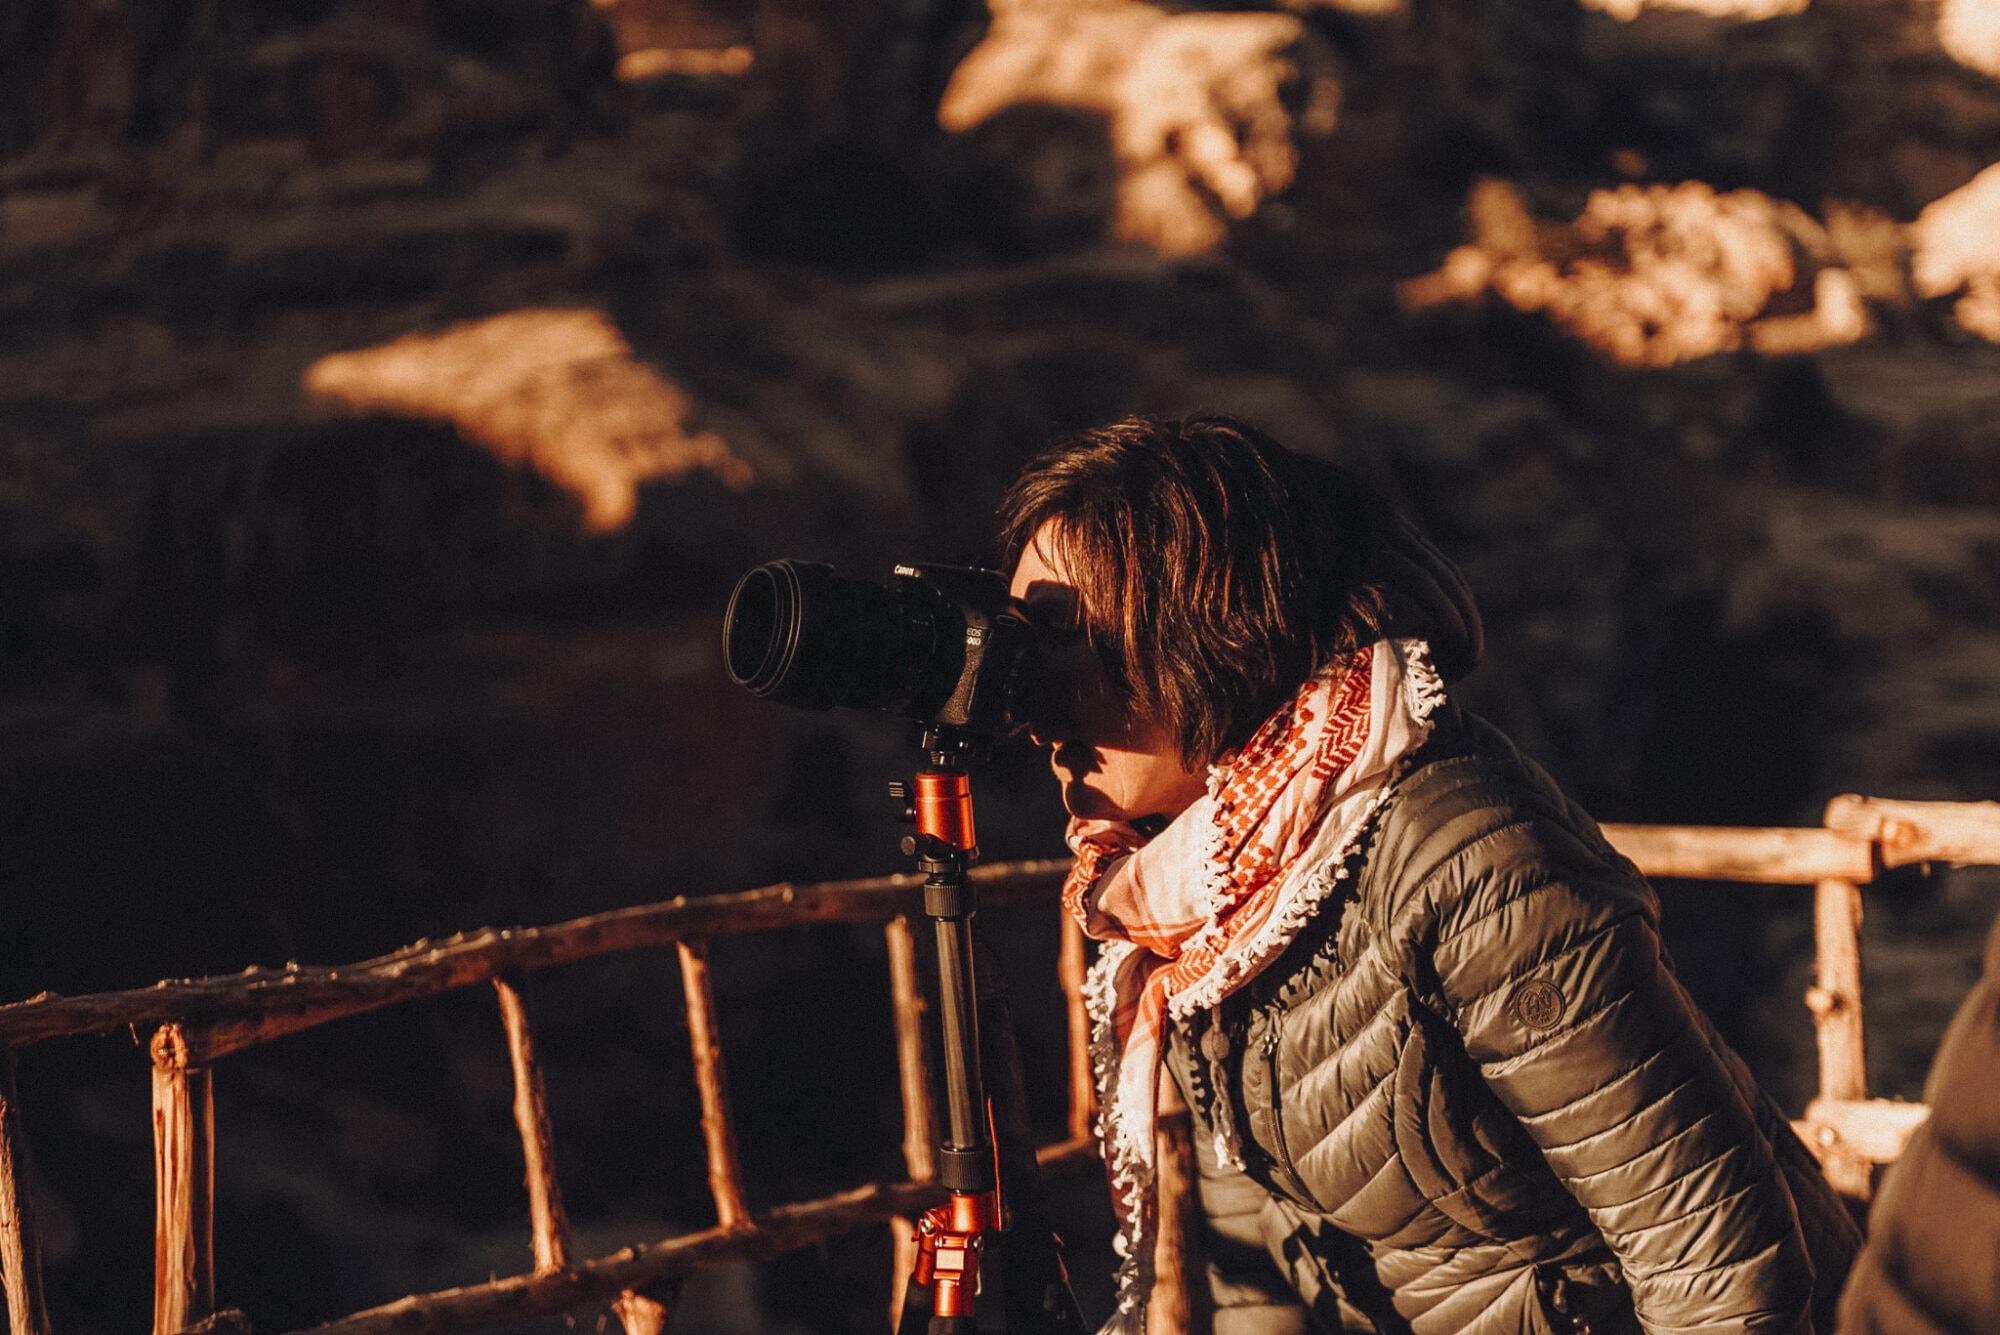 Fotoreis Jordanie | ROCKY ROADS TRAVEL